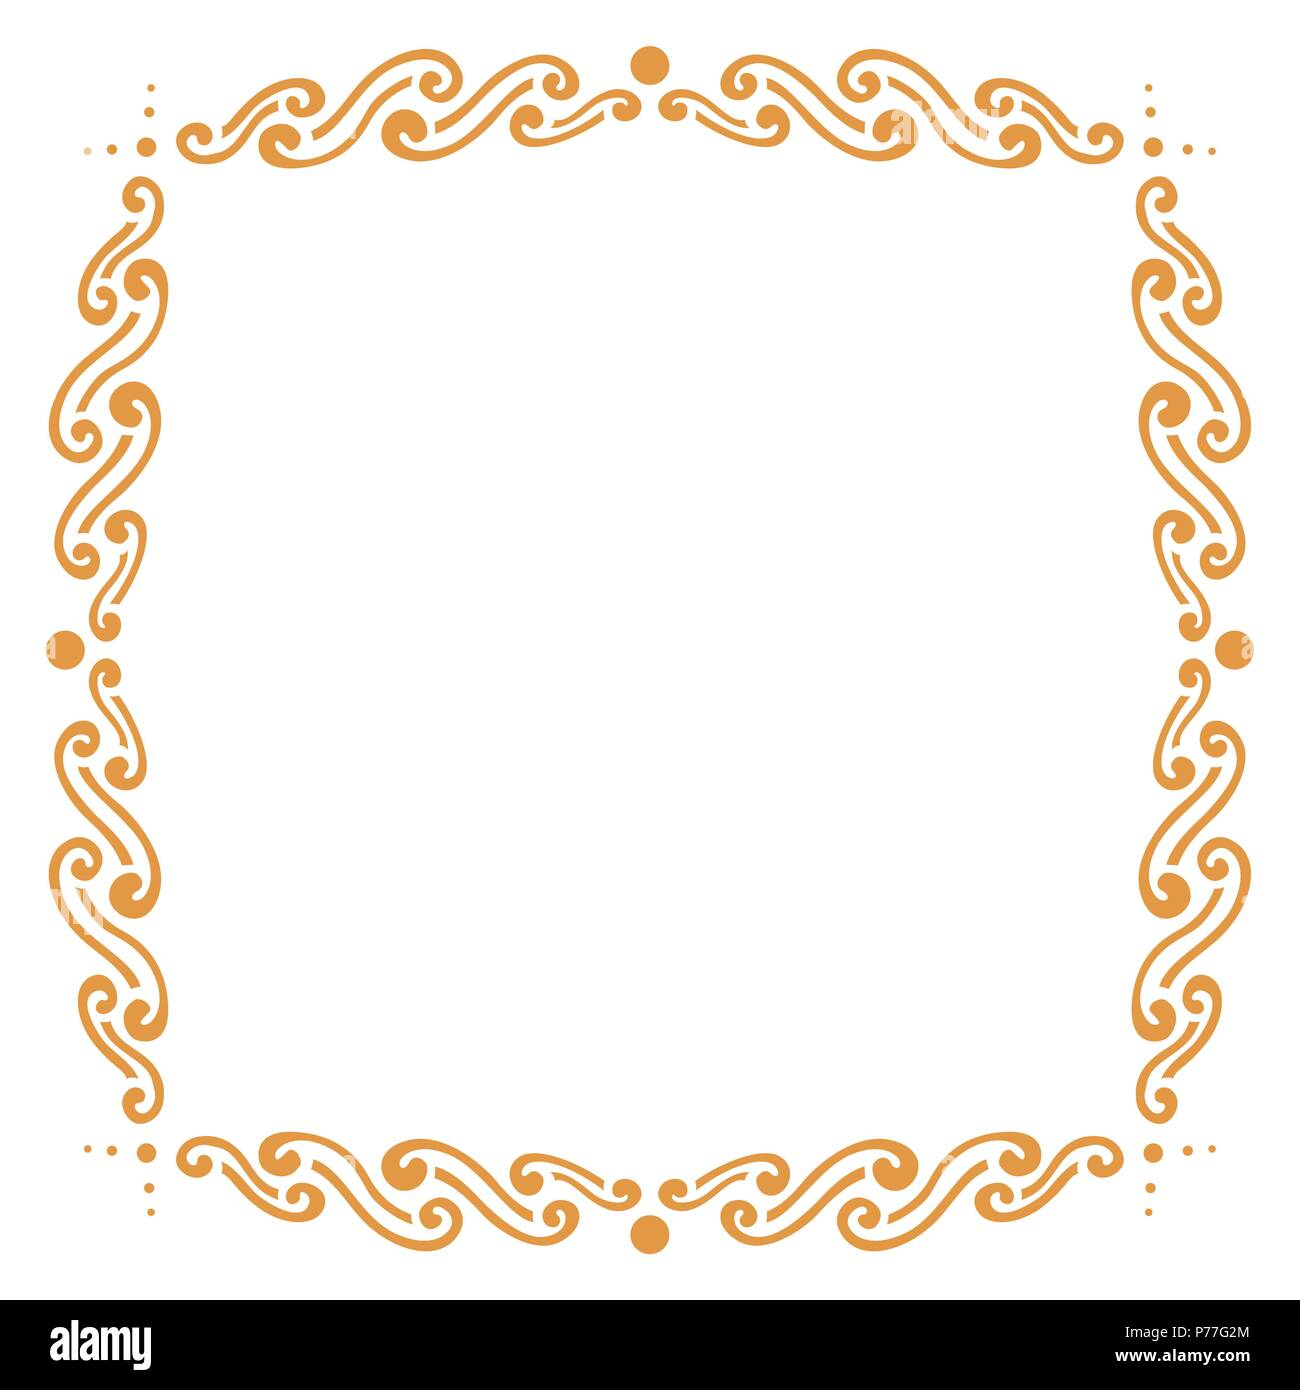 Einfache künstlerischen Rahmen, Freehand Vektor Abbildung - Bild ...